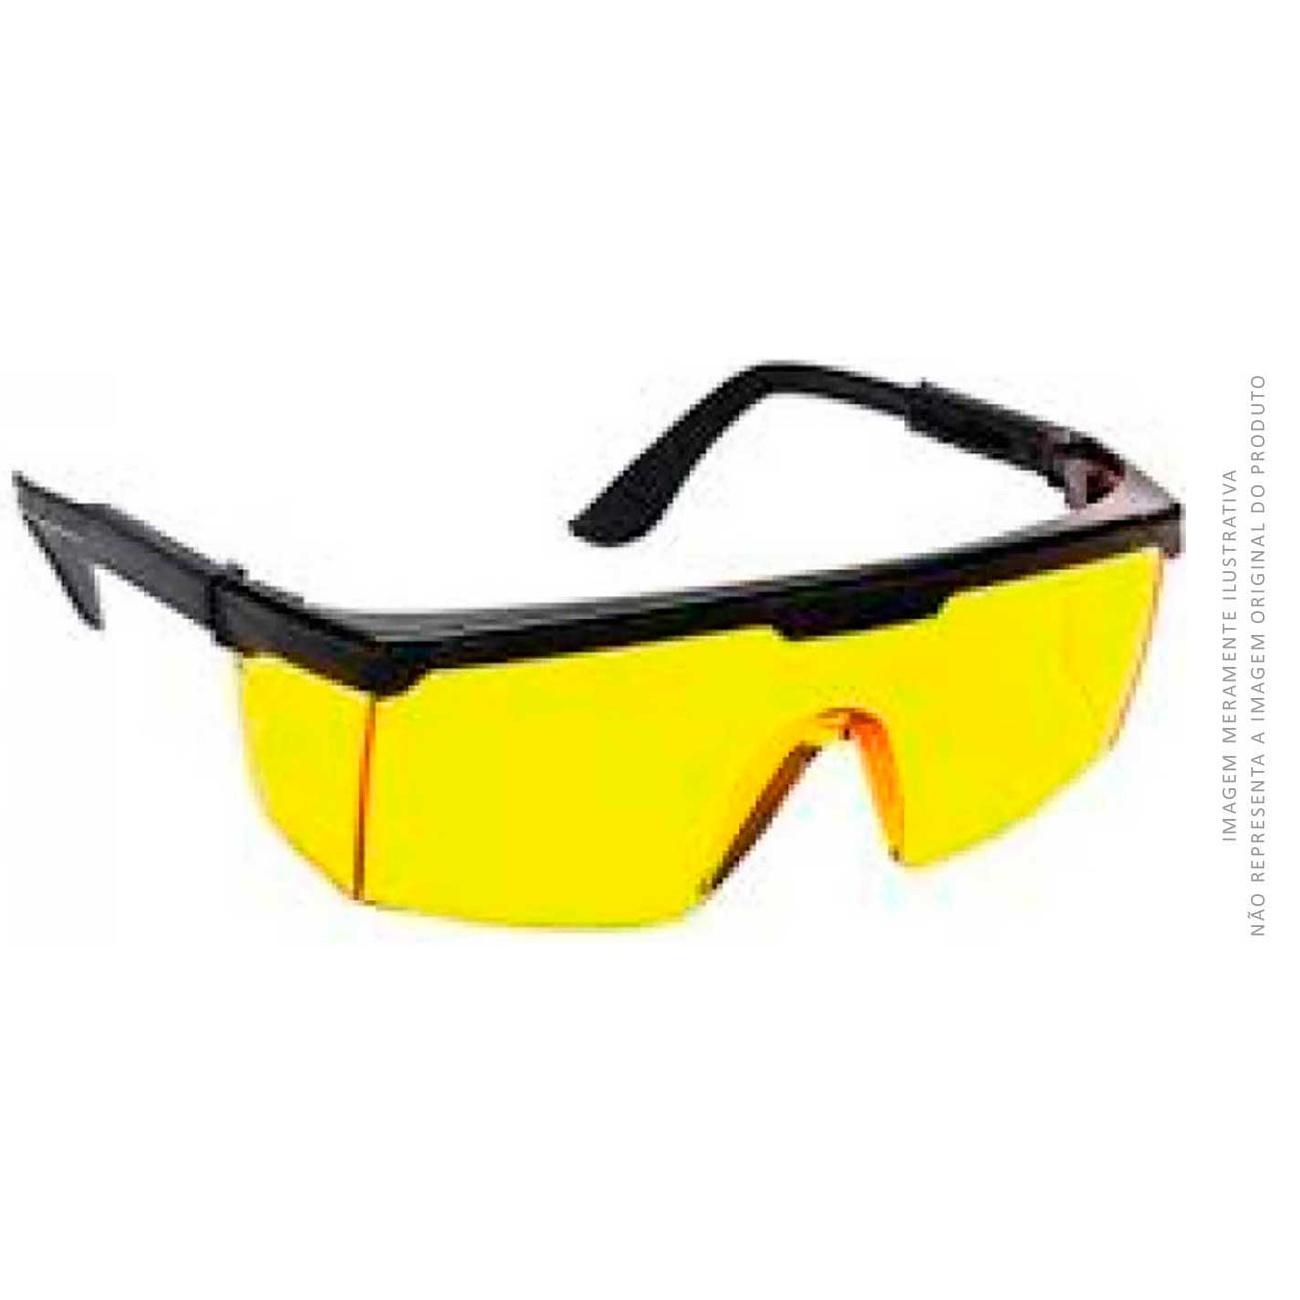 Óculos De Proteção Danny Fênix Ambar | Caixa com 12 unidades